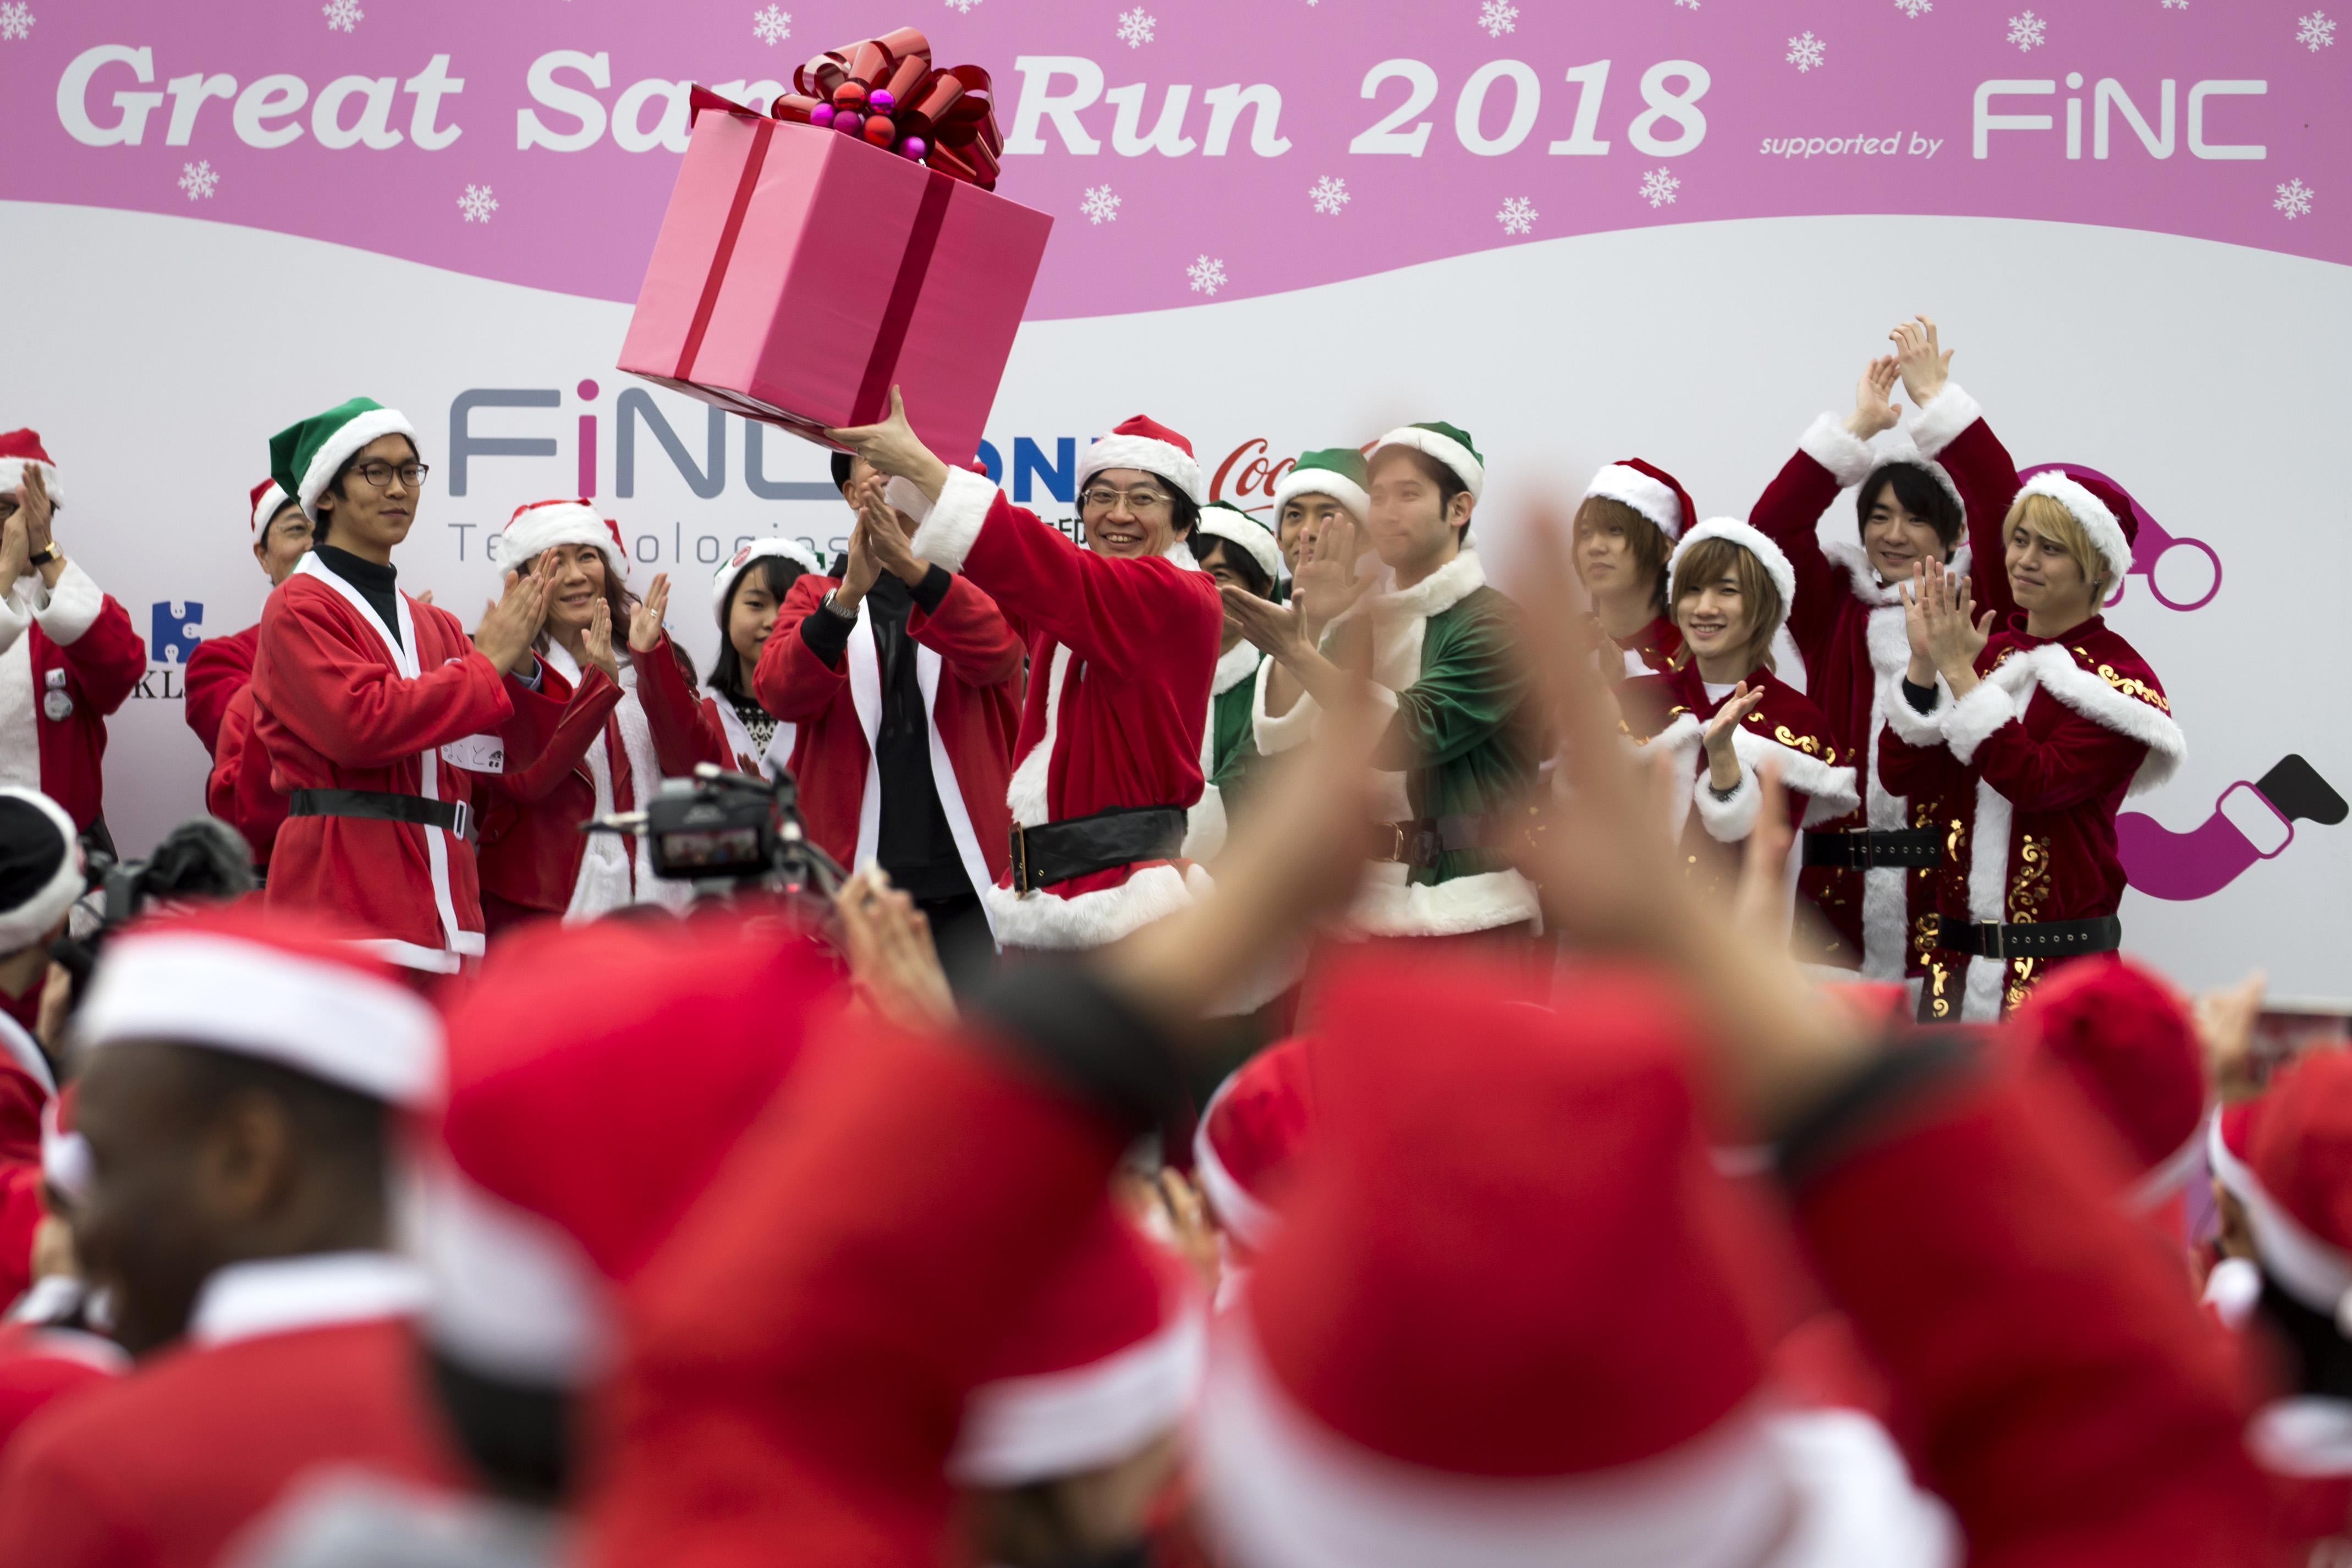 中共抵制聖誕節 兩段視頻引發熱議